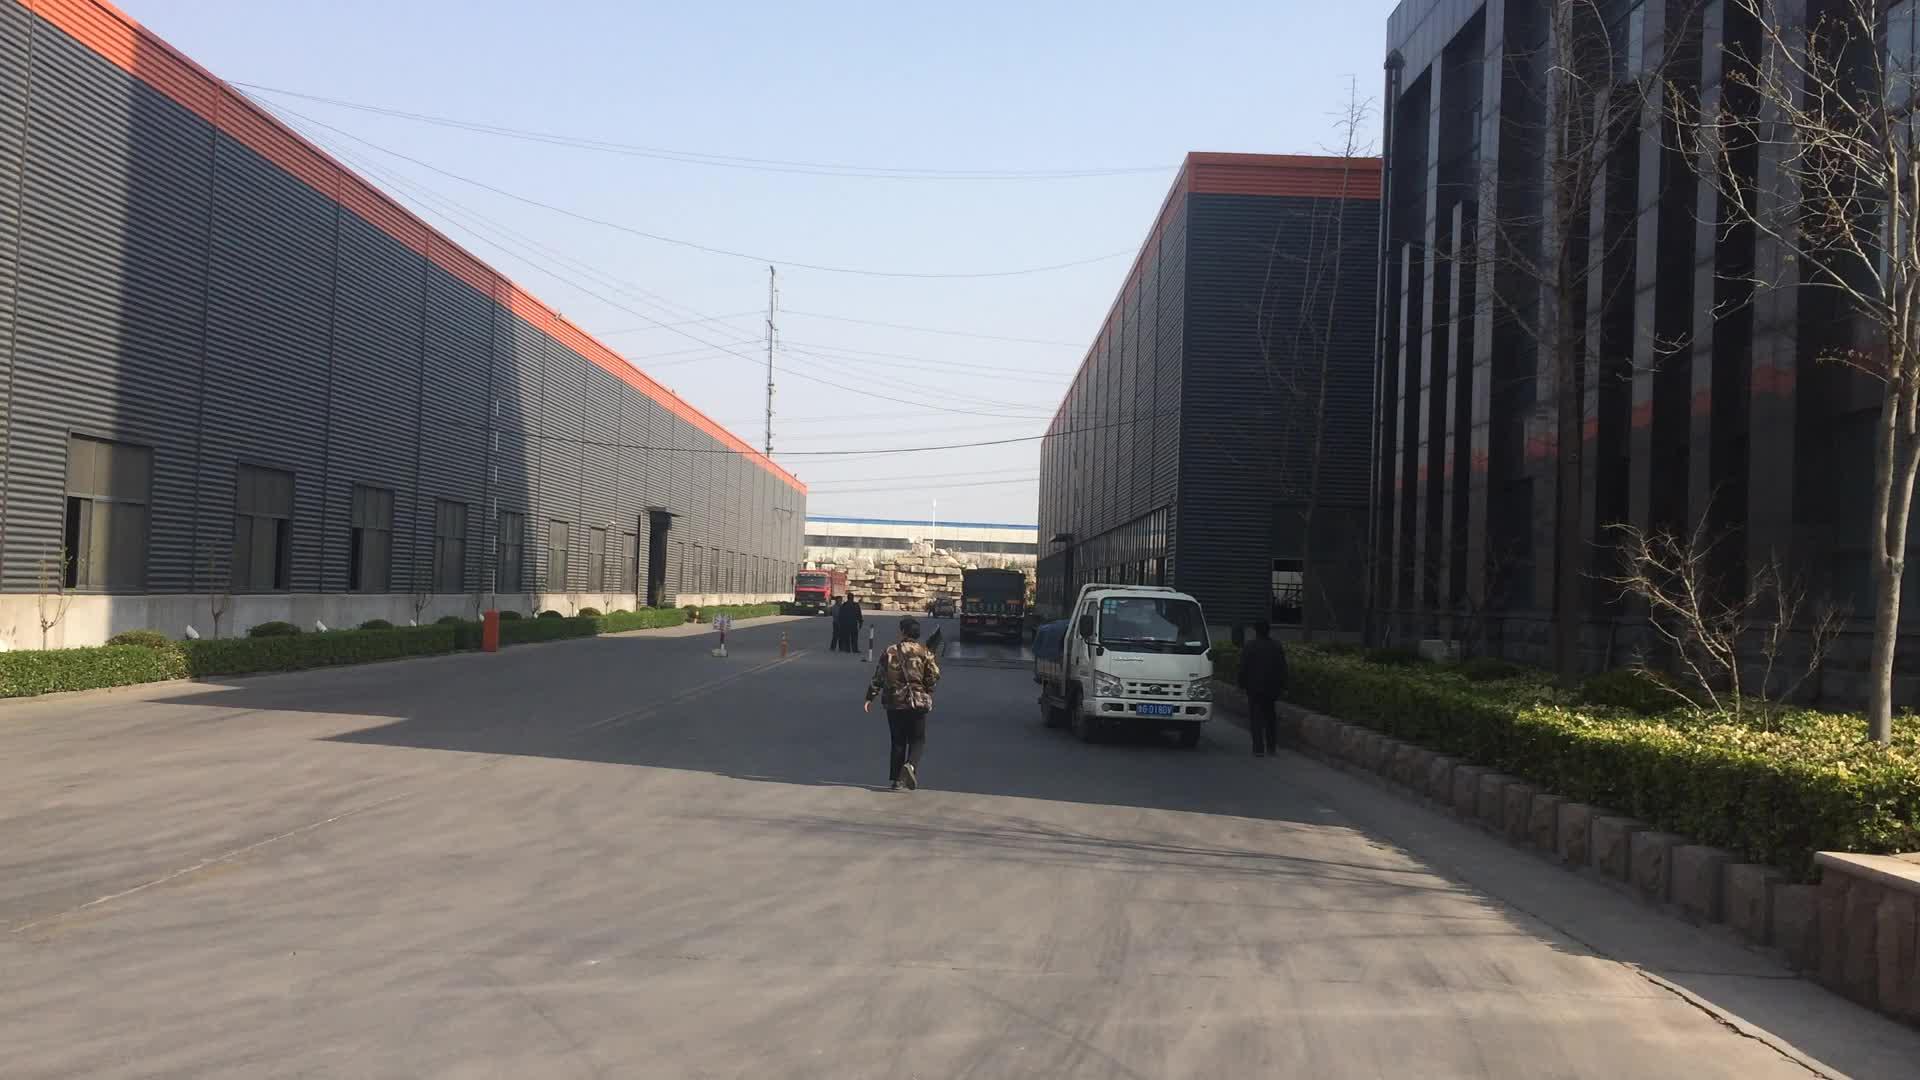 Çin prefabrik ev prefabrik Modern yüksek artış bina prefabrik çelik çerçeve